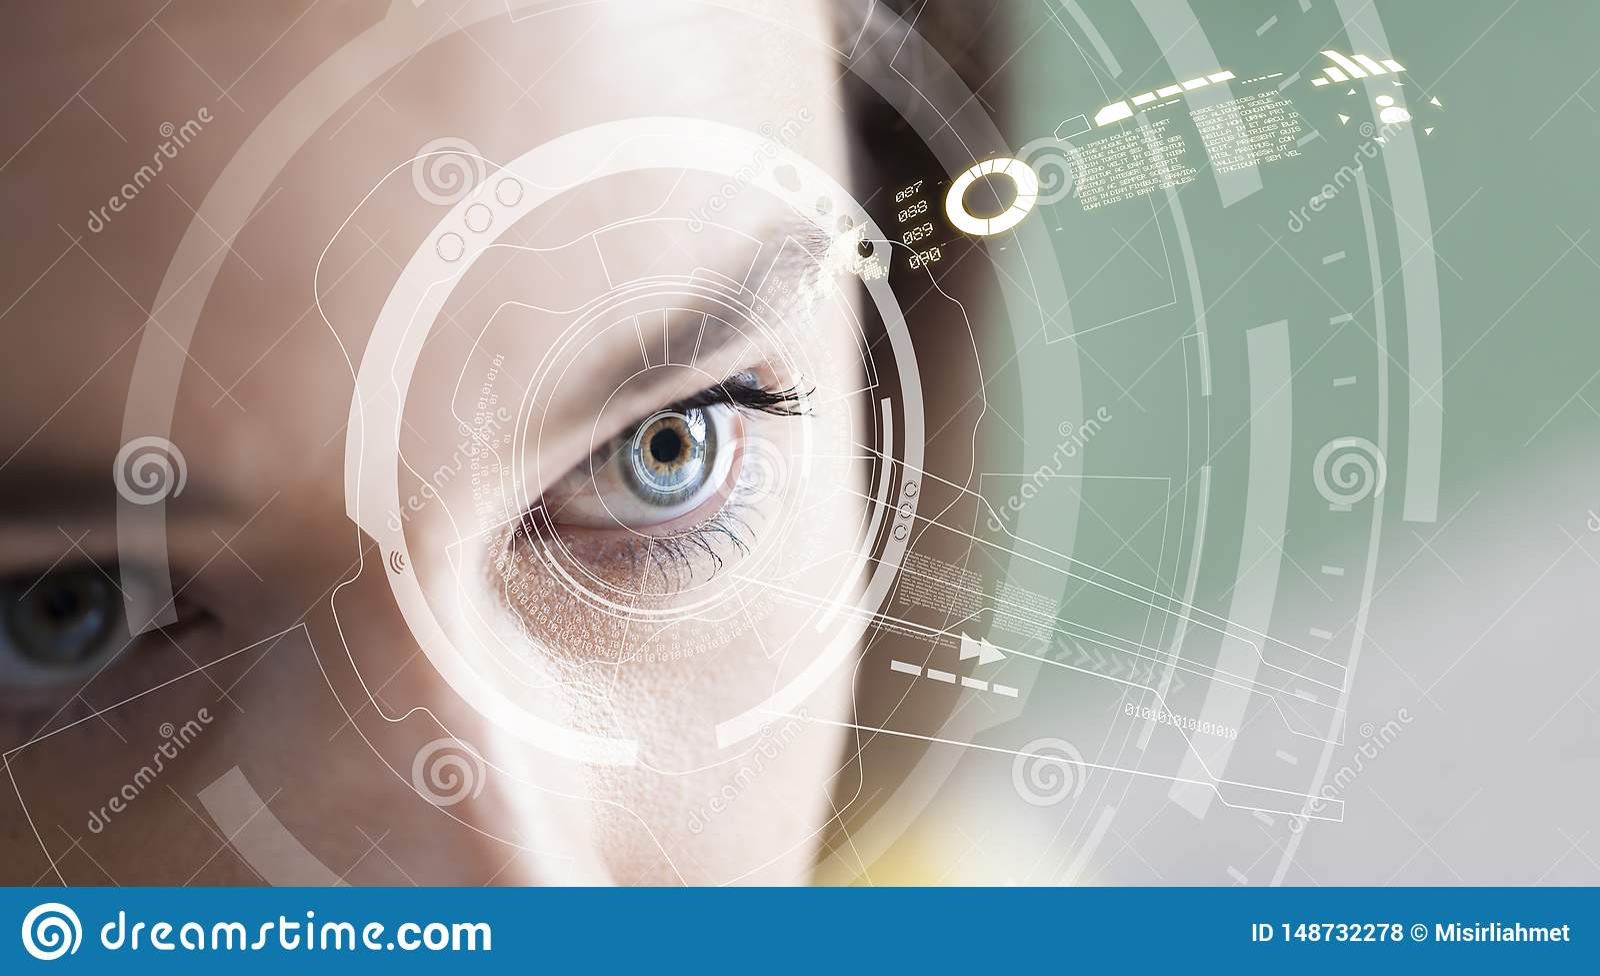 Concepto del reconocimiento del iris Ordenador ojo-compatible usable